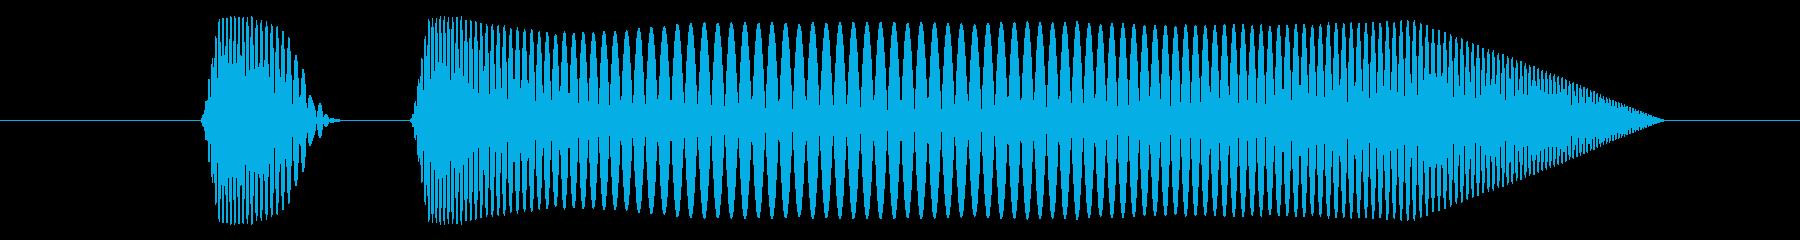 「プニ!ポヨン!」可愛い足音などに最適!の再生済みの波形